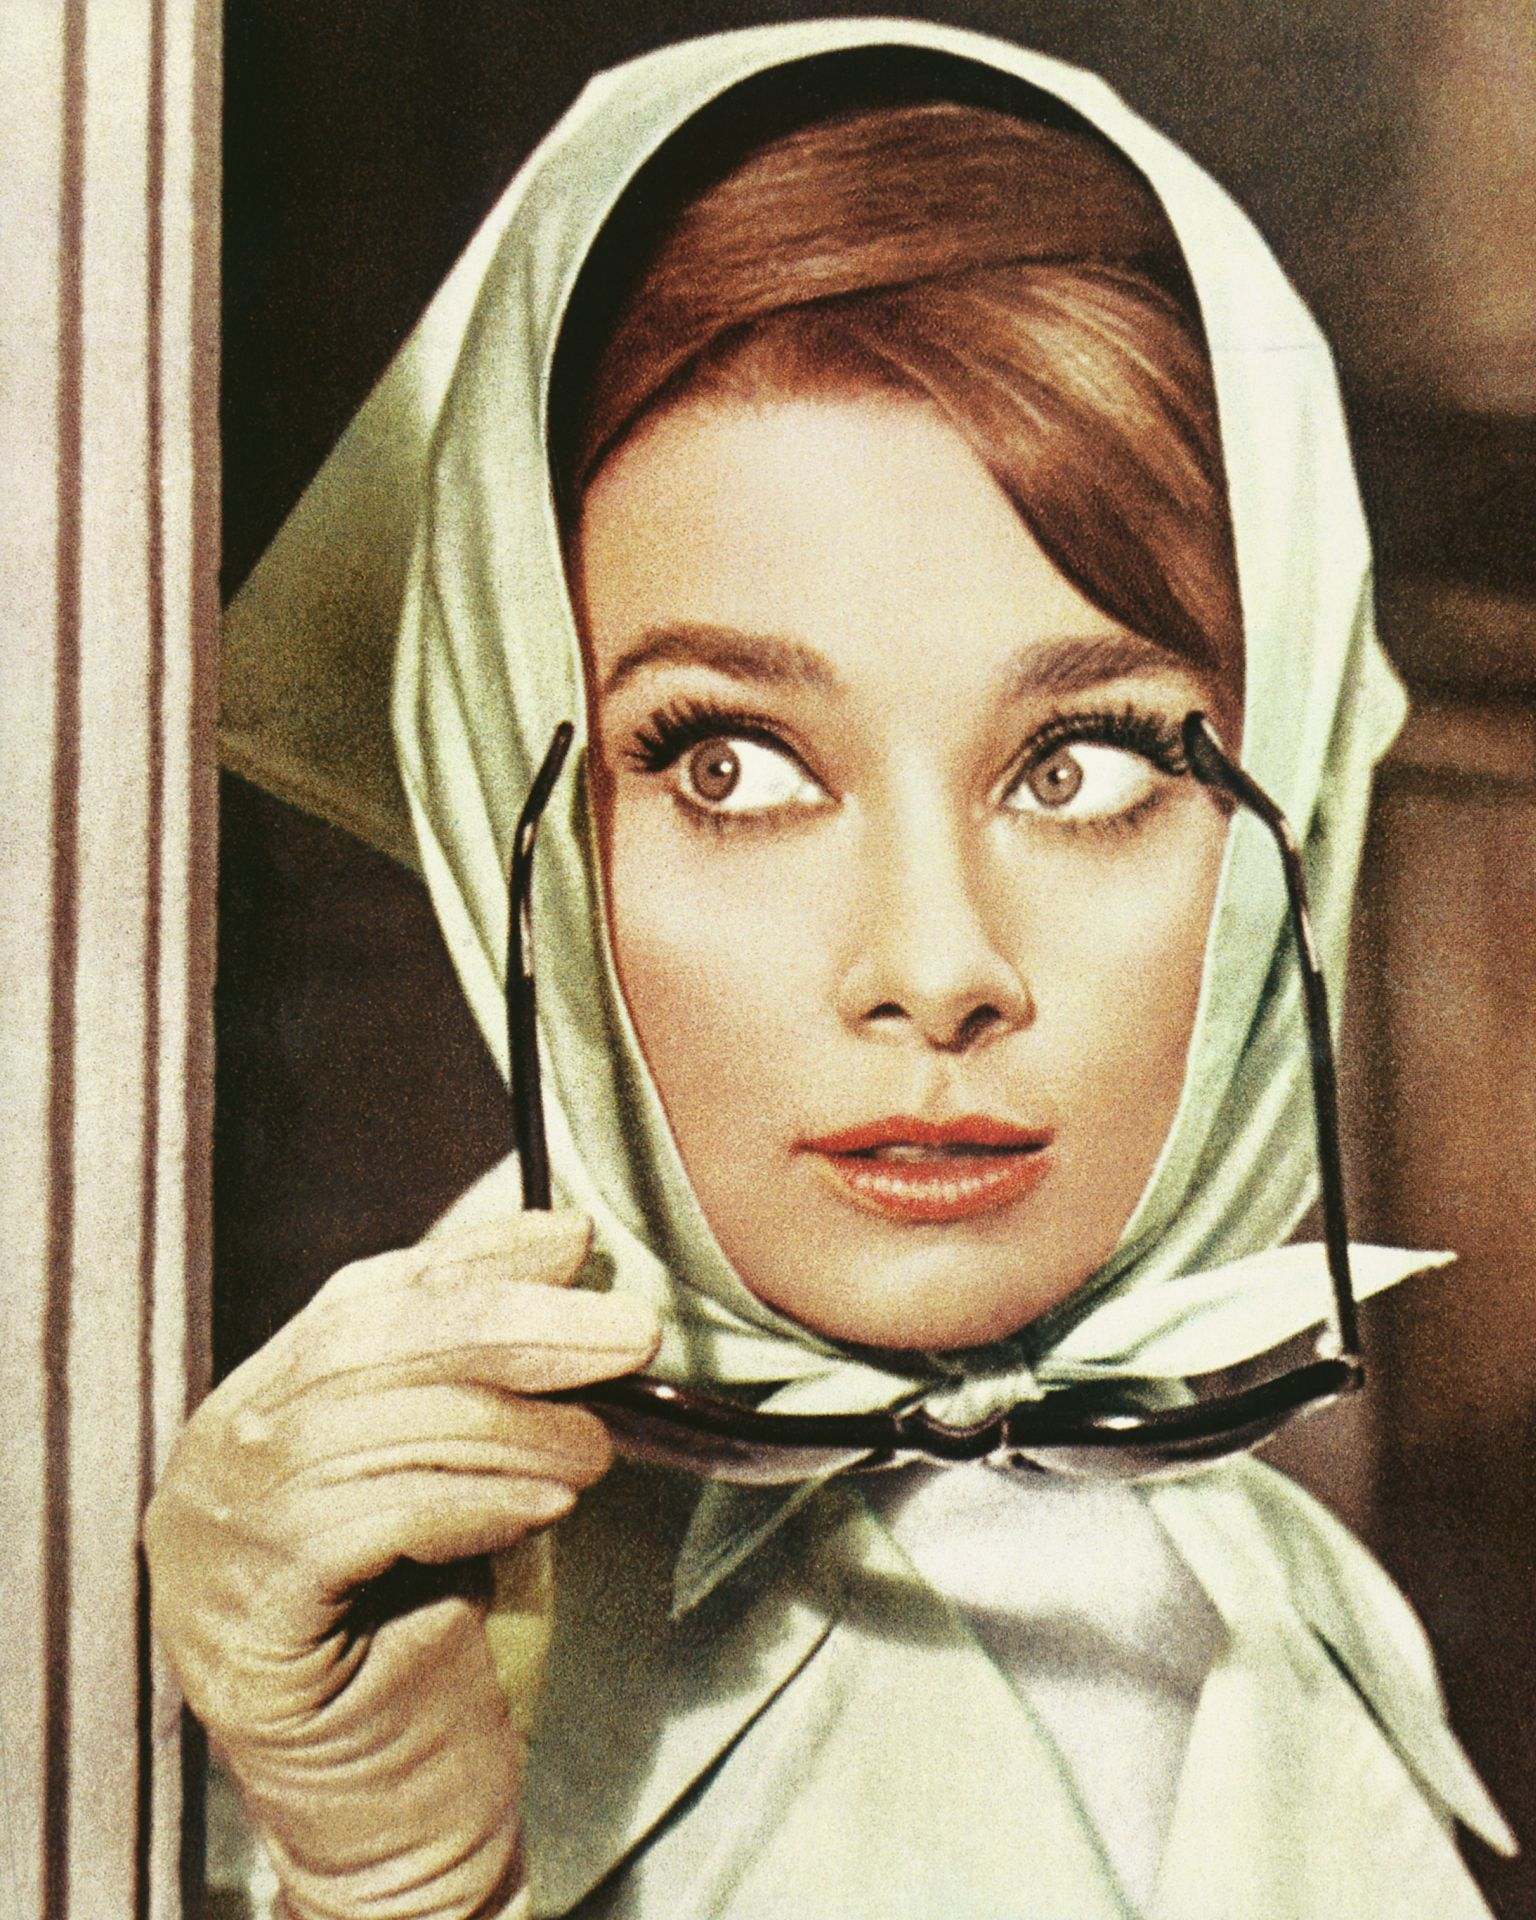 Audrey Hepburn az 1963-as Amerikai fogócska film egy jelenetében, selyemkedővel a fején.